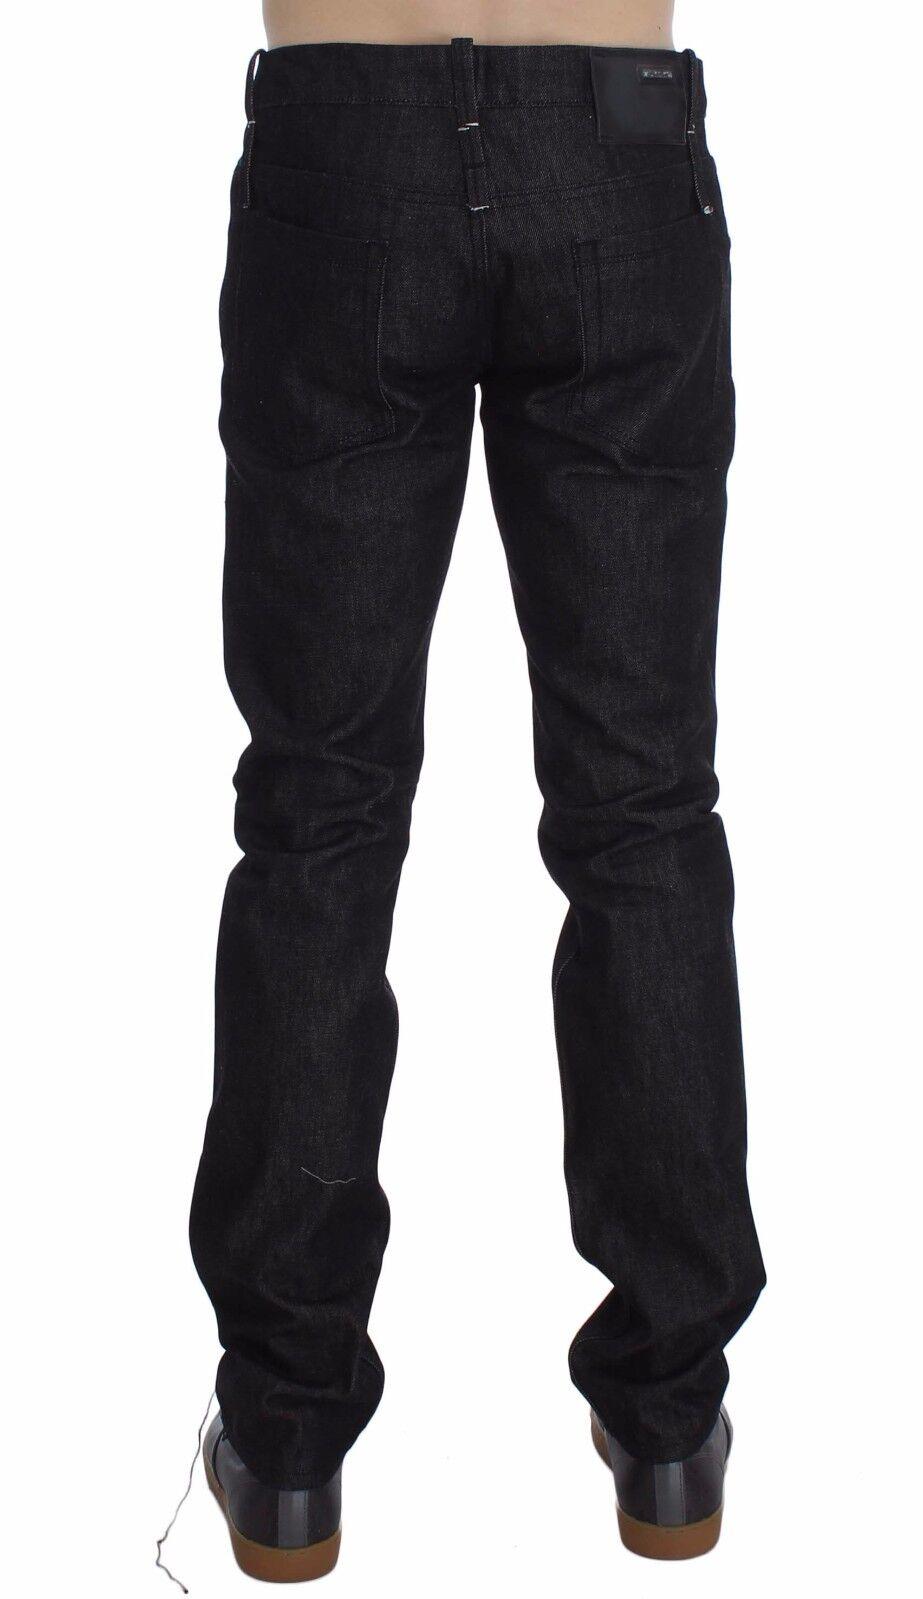 dfc67a3c66 Nuovo Acht Jeans Cotone Nera Slim Skinny Pantaloni Aderenti Aderenti ...